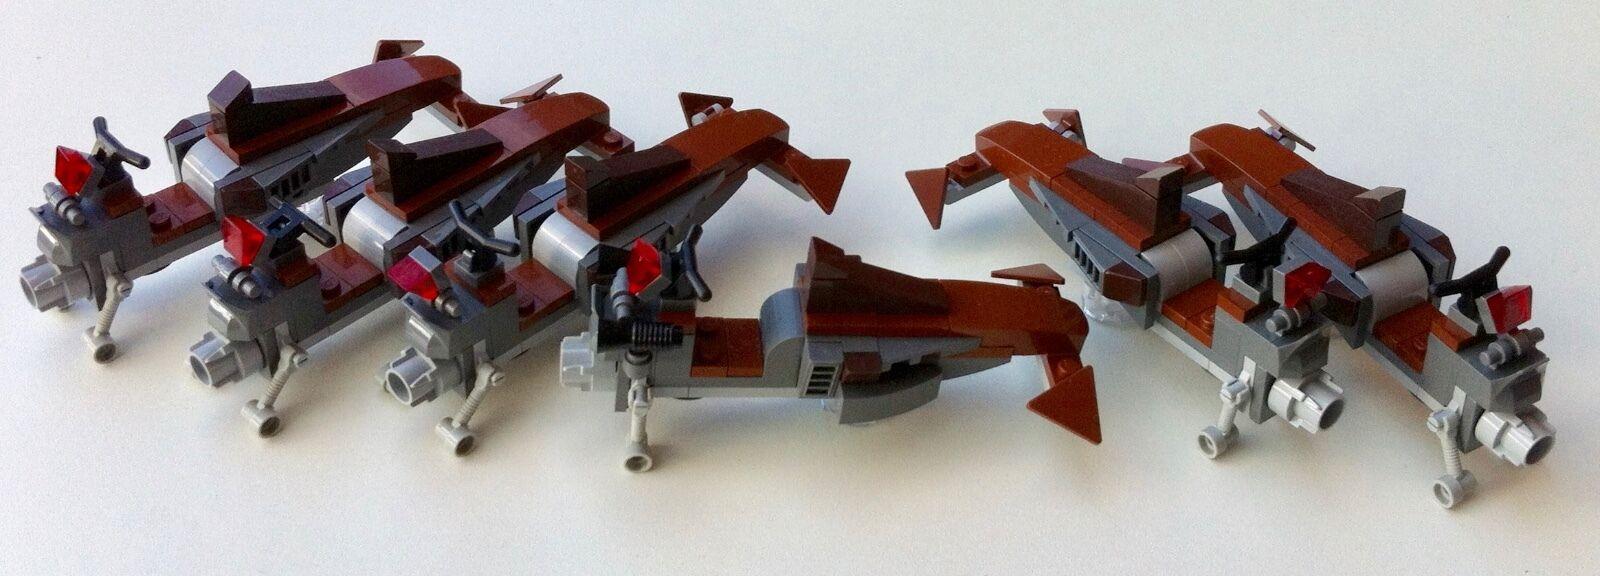 Lego Star Wars 6 SITH SPEEDER BIKES avec instr from set 75017 original lego